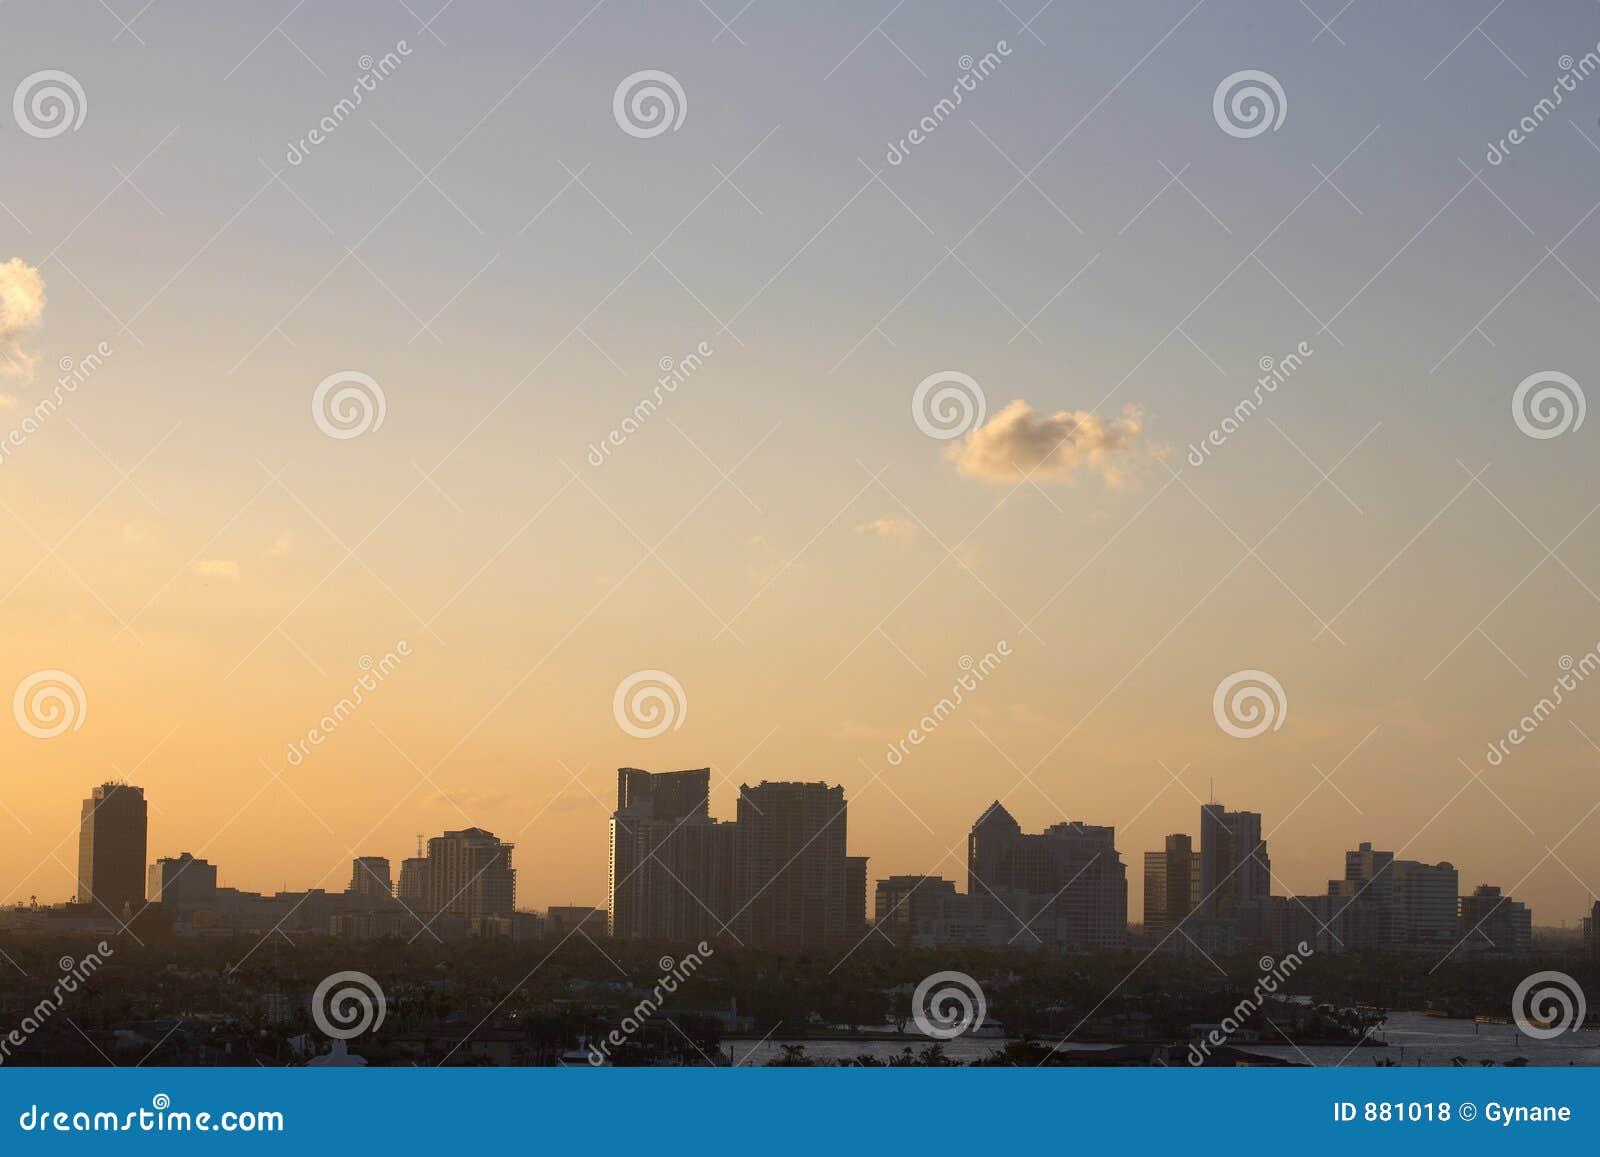 Wcześniej wieczorem fort lauderdale skyline widok